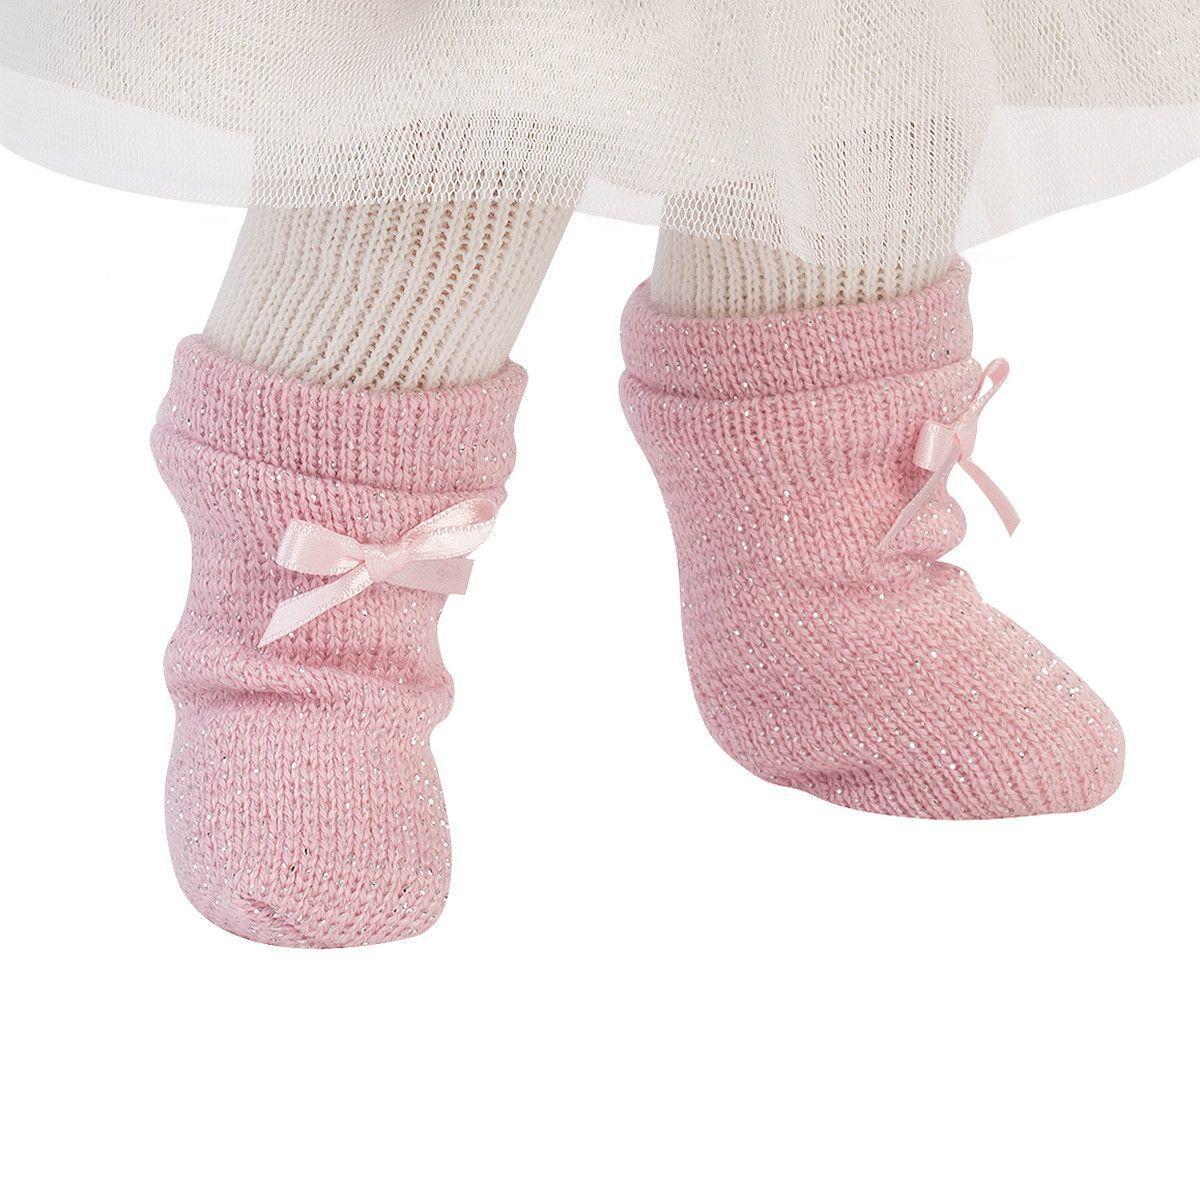 Кукла Llorens Сара шатенка в розовом жакете и белой кружевной юбке - фото 6